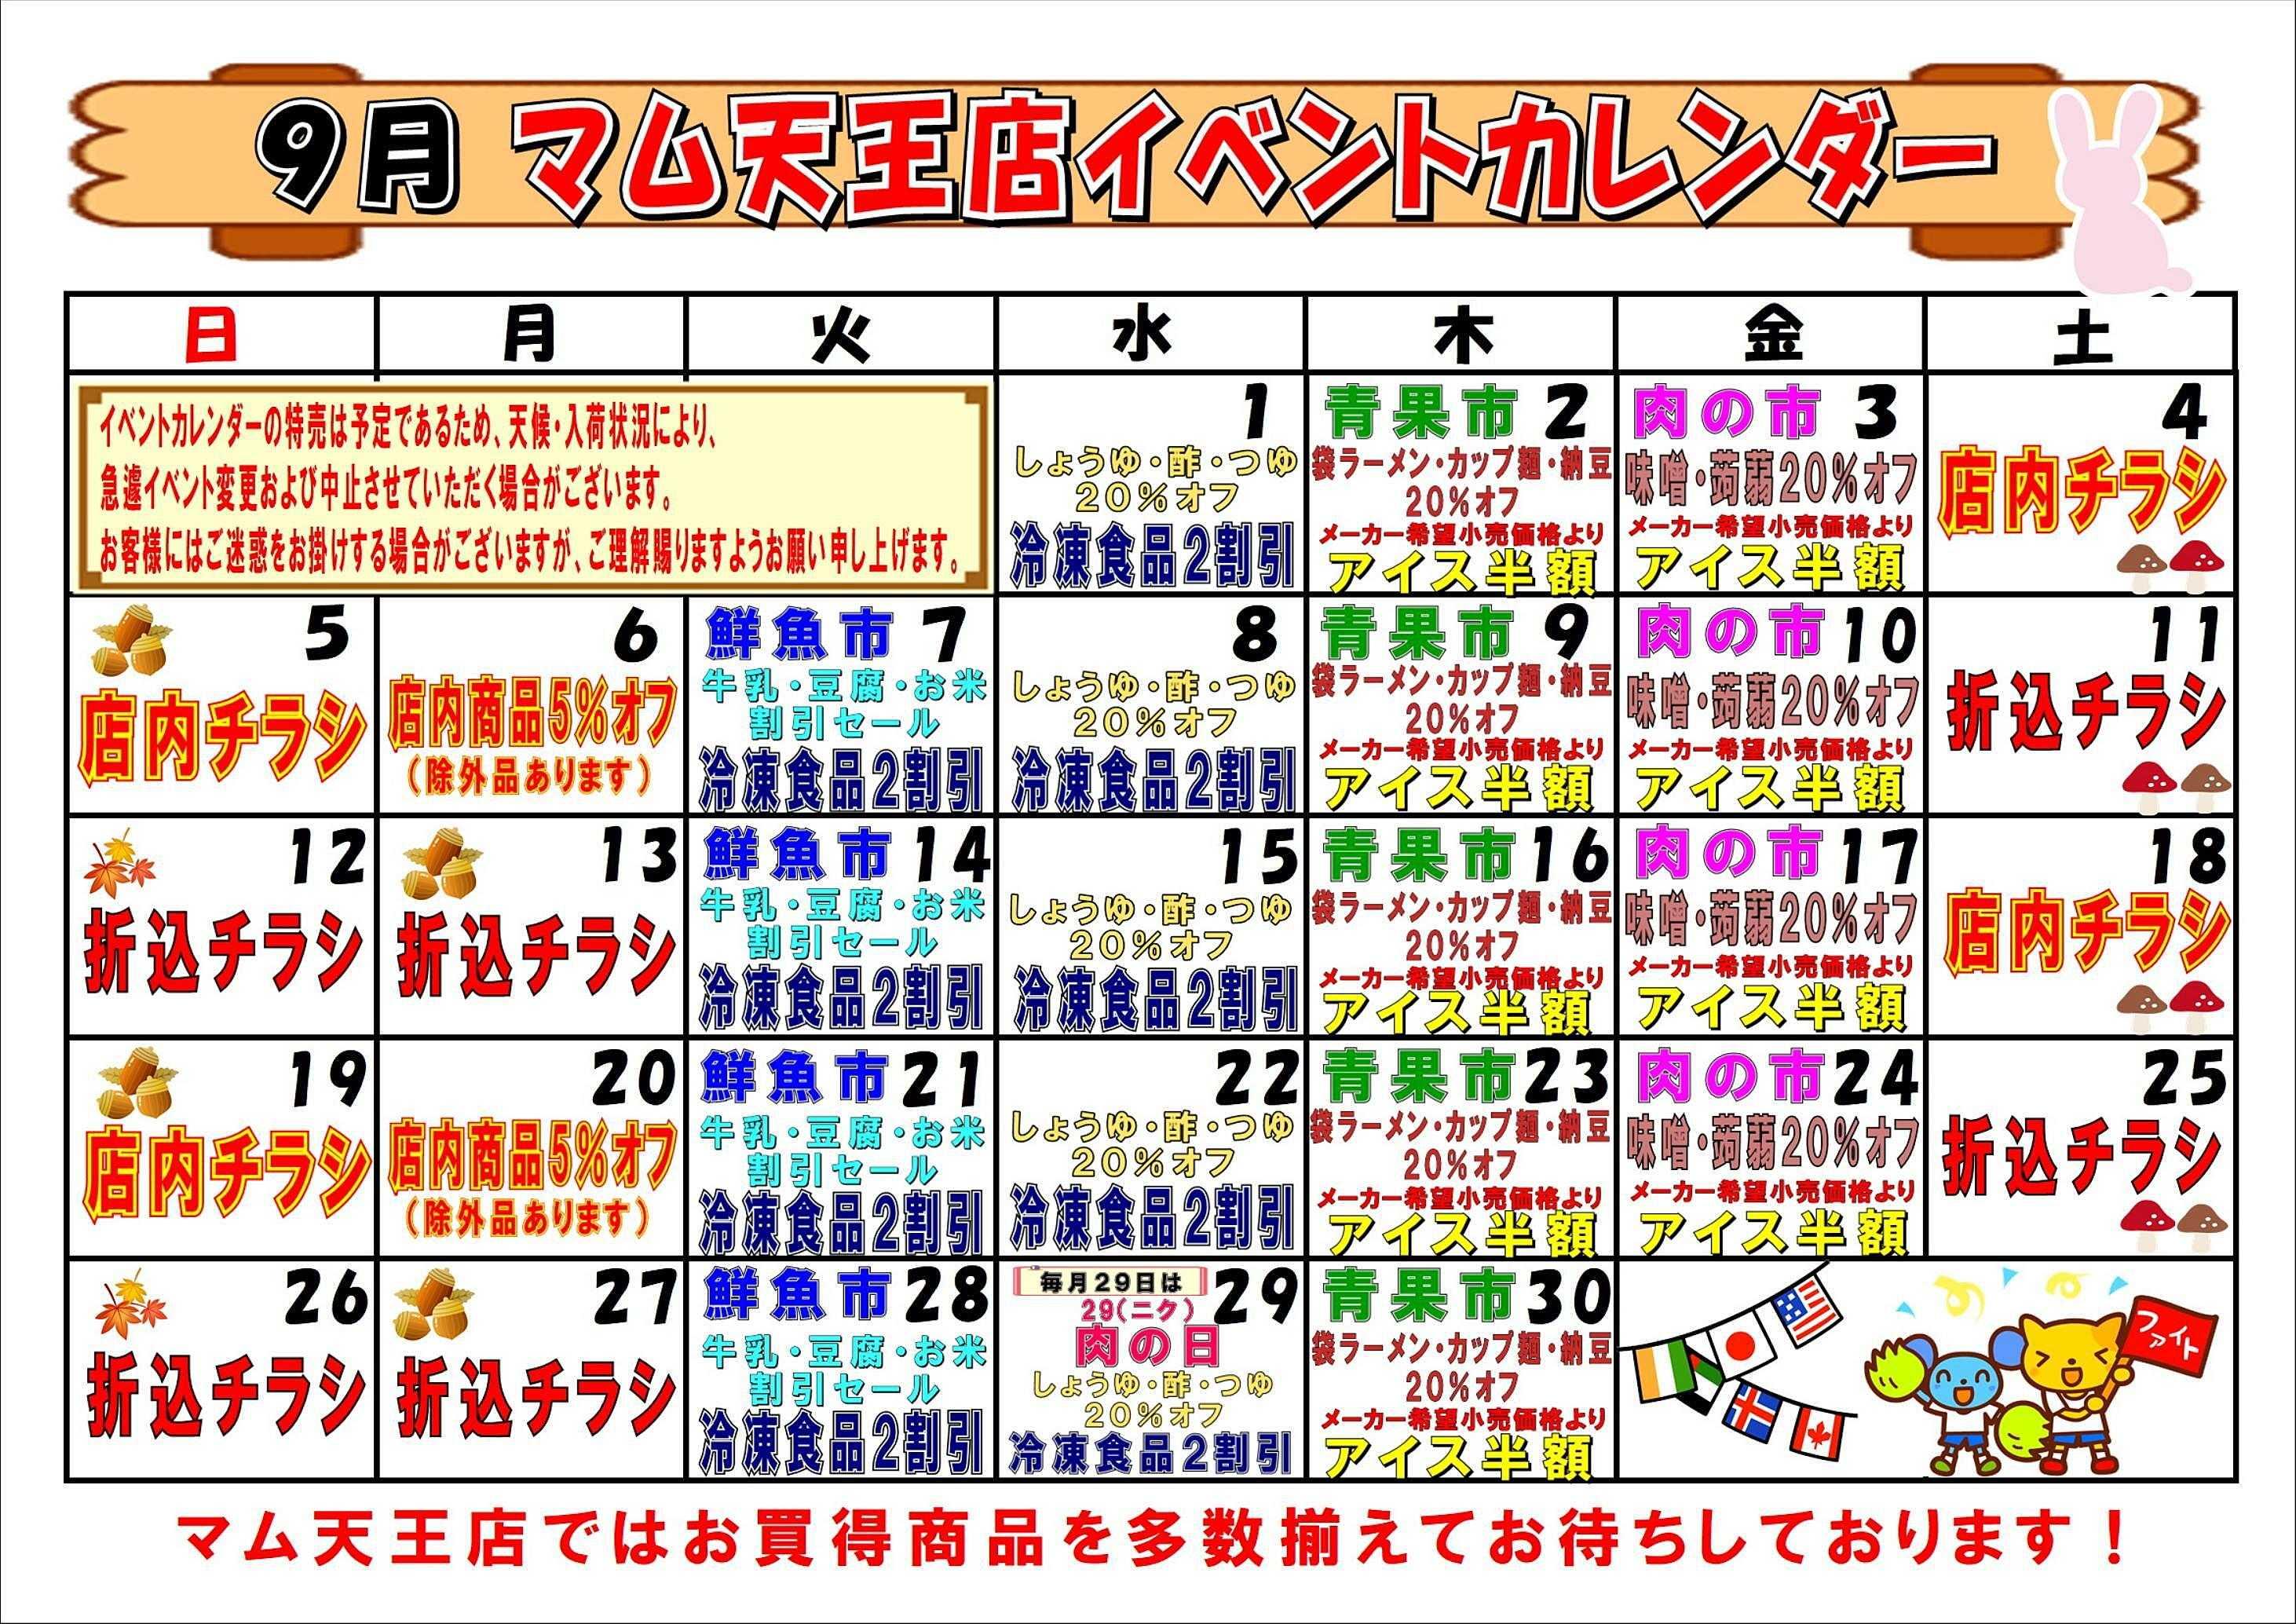 フードマーケット マム マム天王店イベントカレンダー